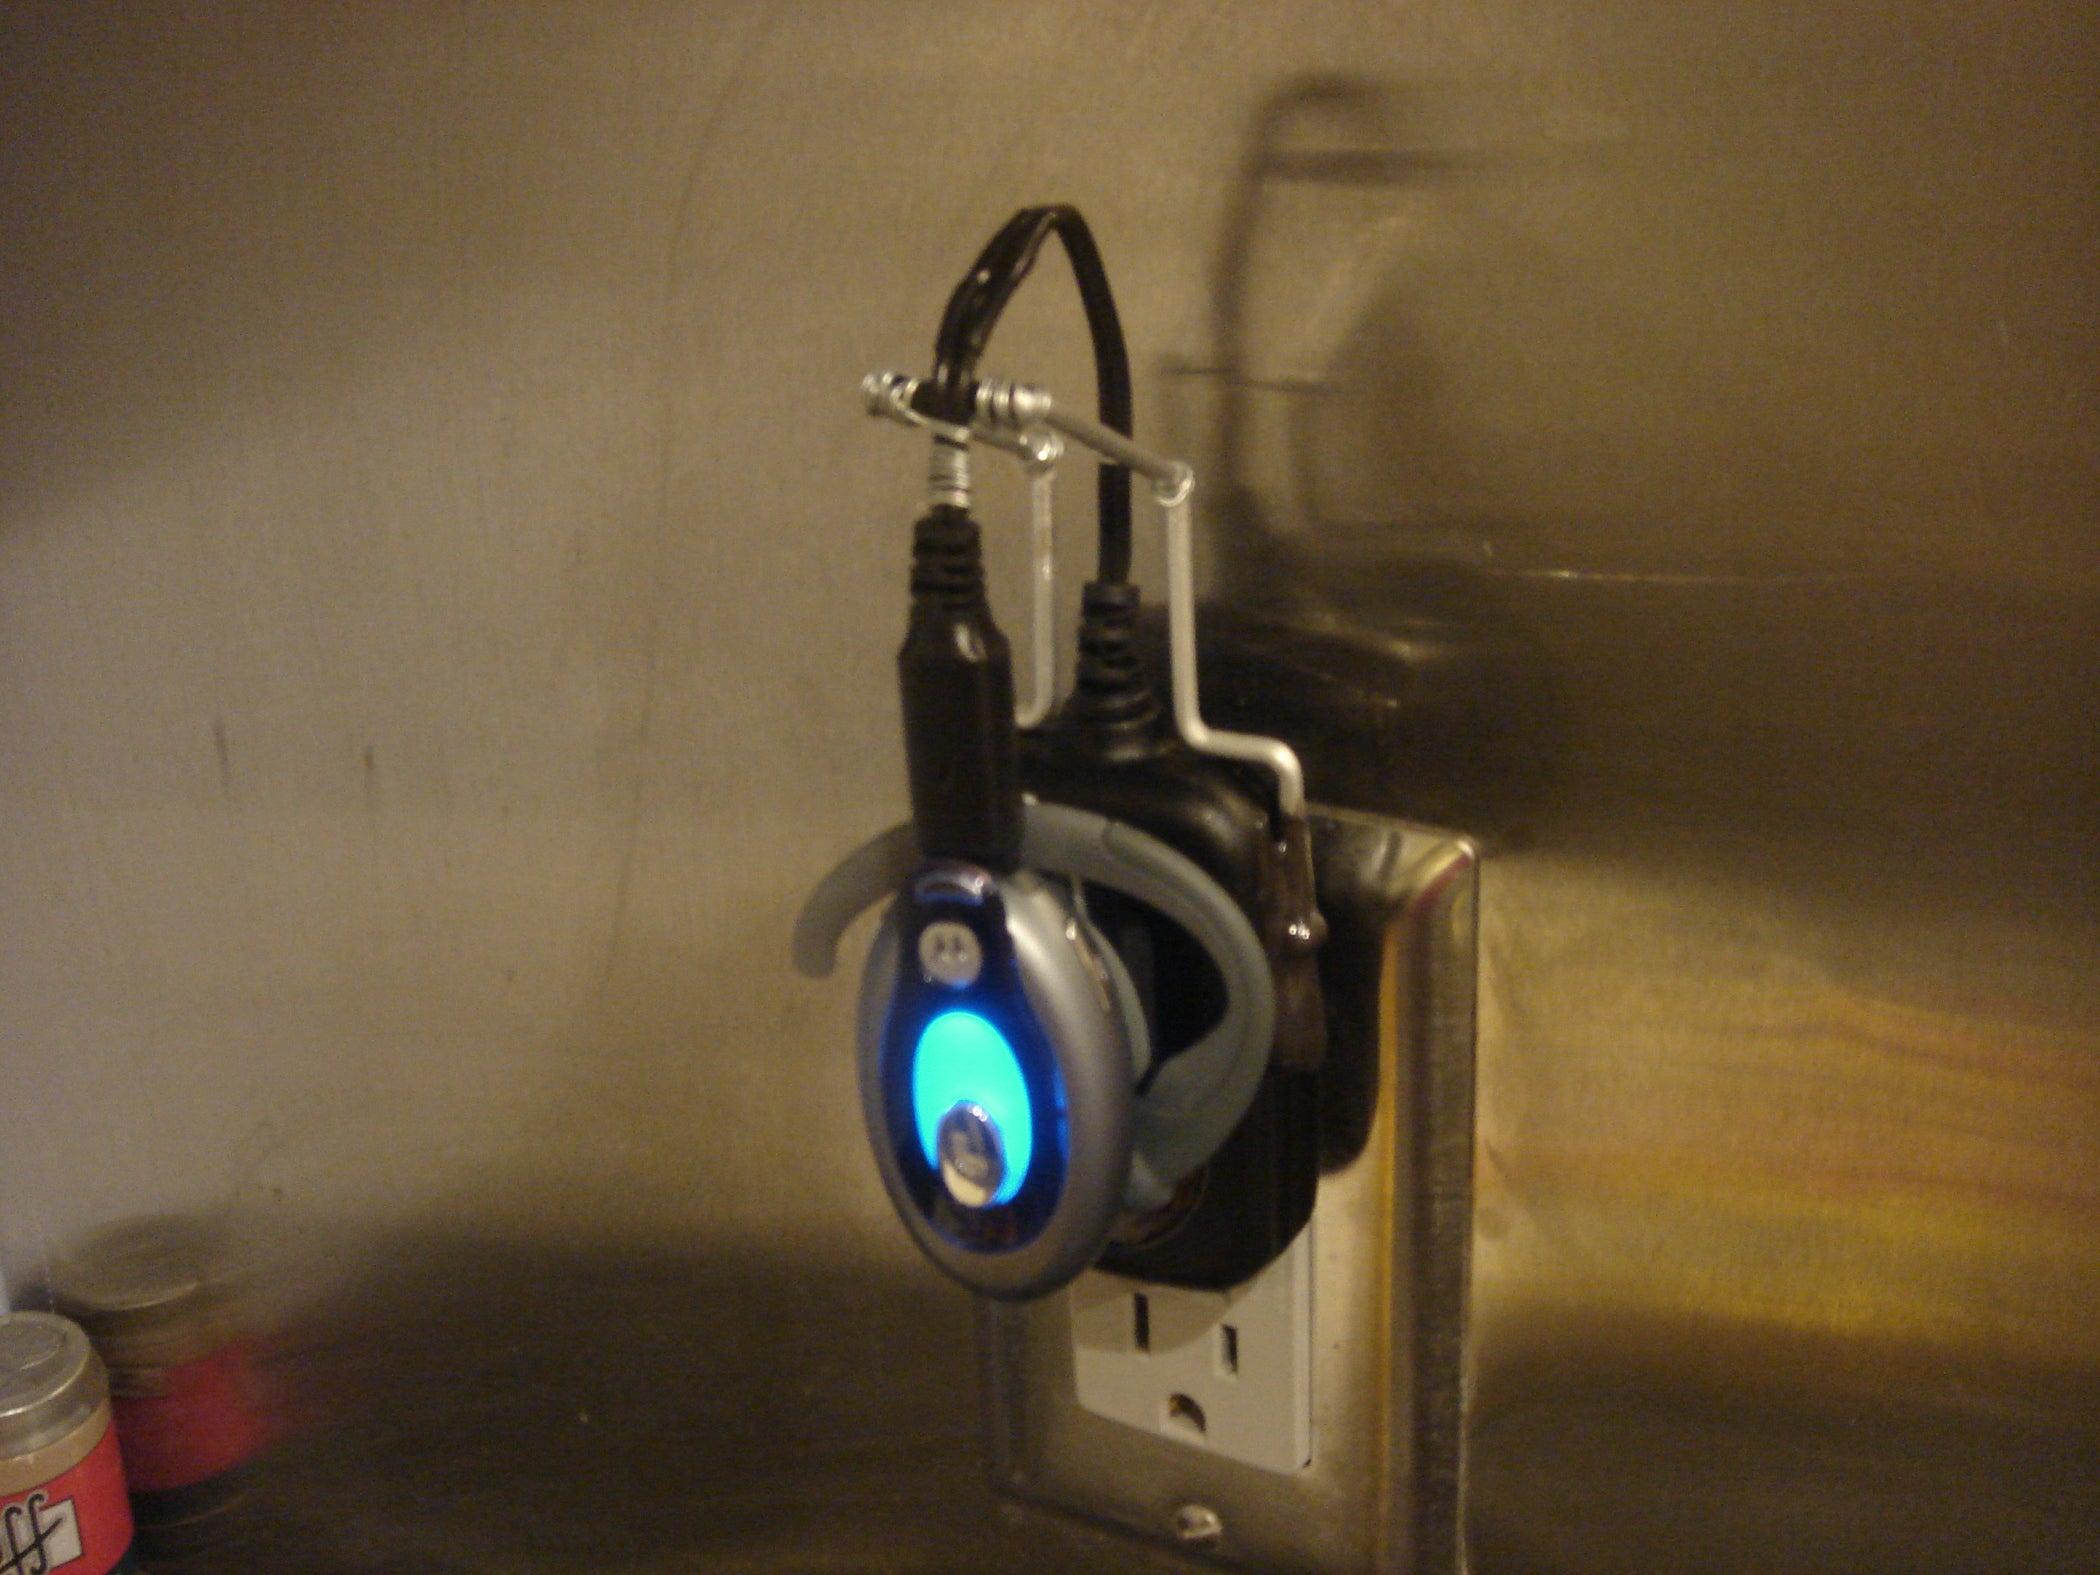 00821304e4e Shorten Your BT Headset Charger Cord & Make a Dock - Motorola HS850